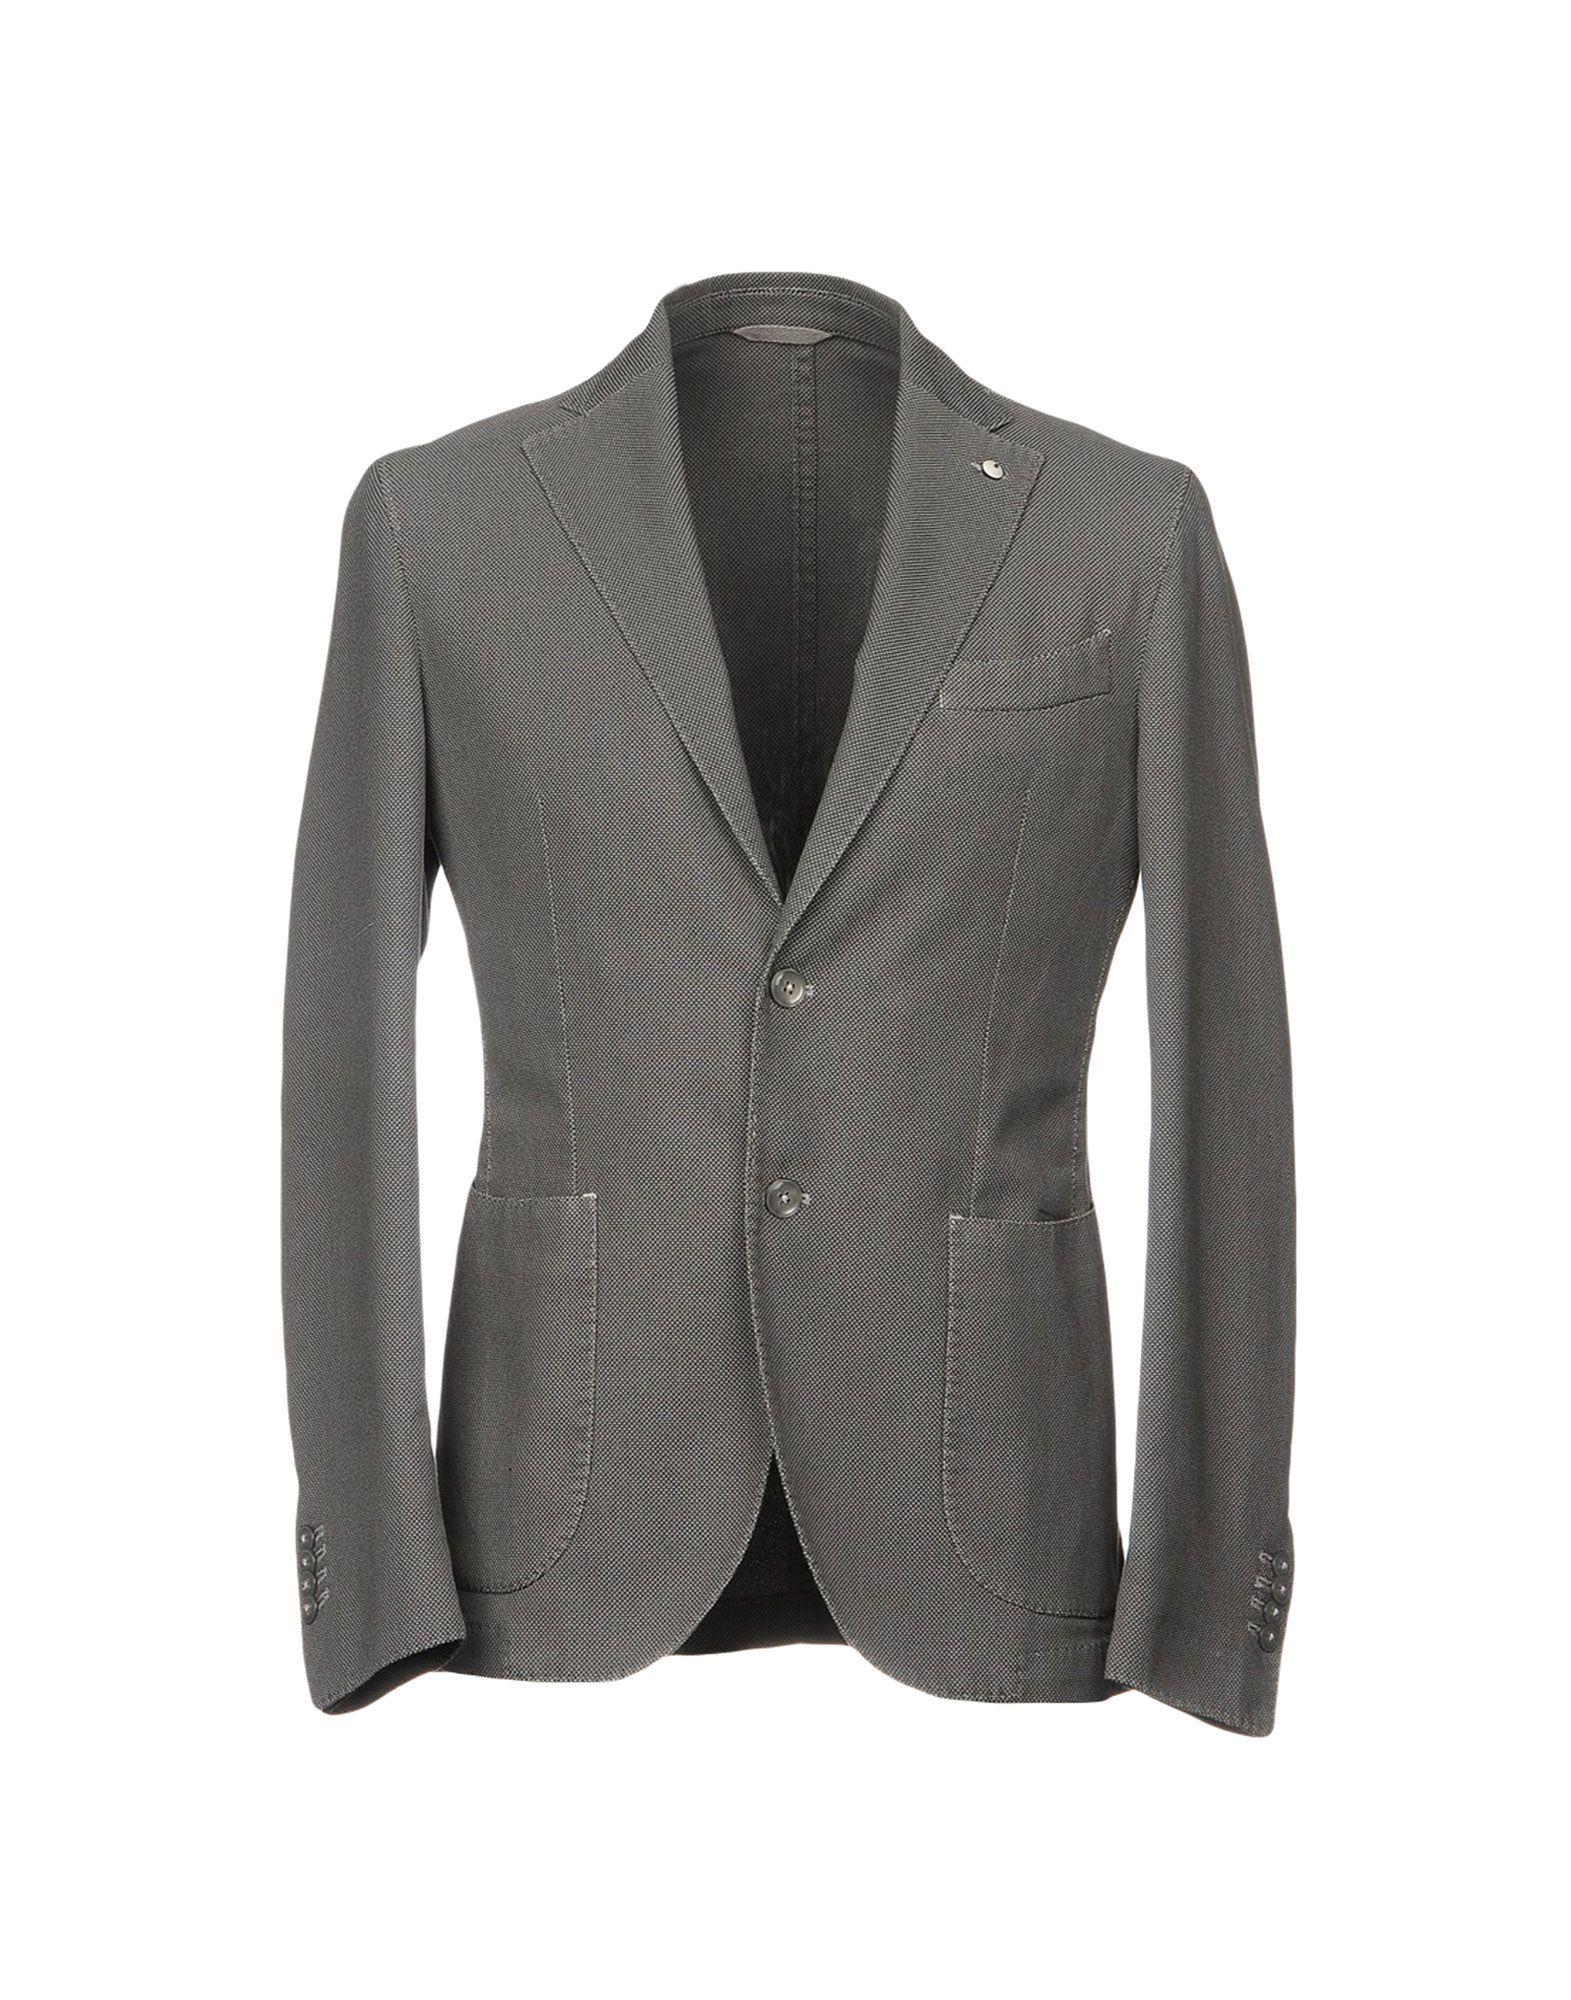 《送料無料》L.B.M. 1911 メンズ テーラードジャケット グレー 48 コットン 70% / ナイロン 28% / ポリウレタン 2%